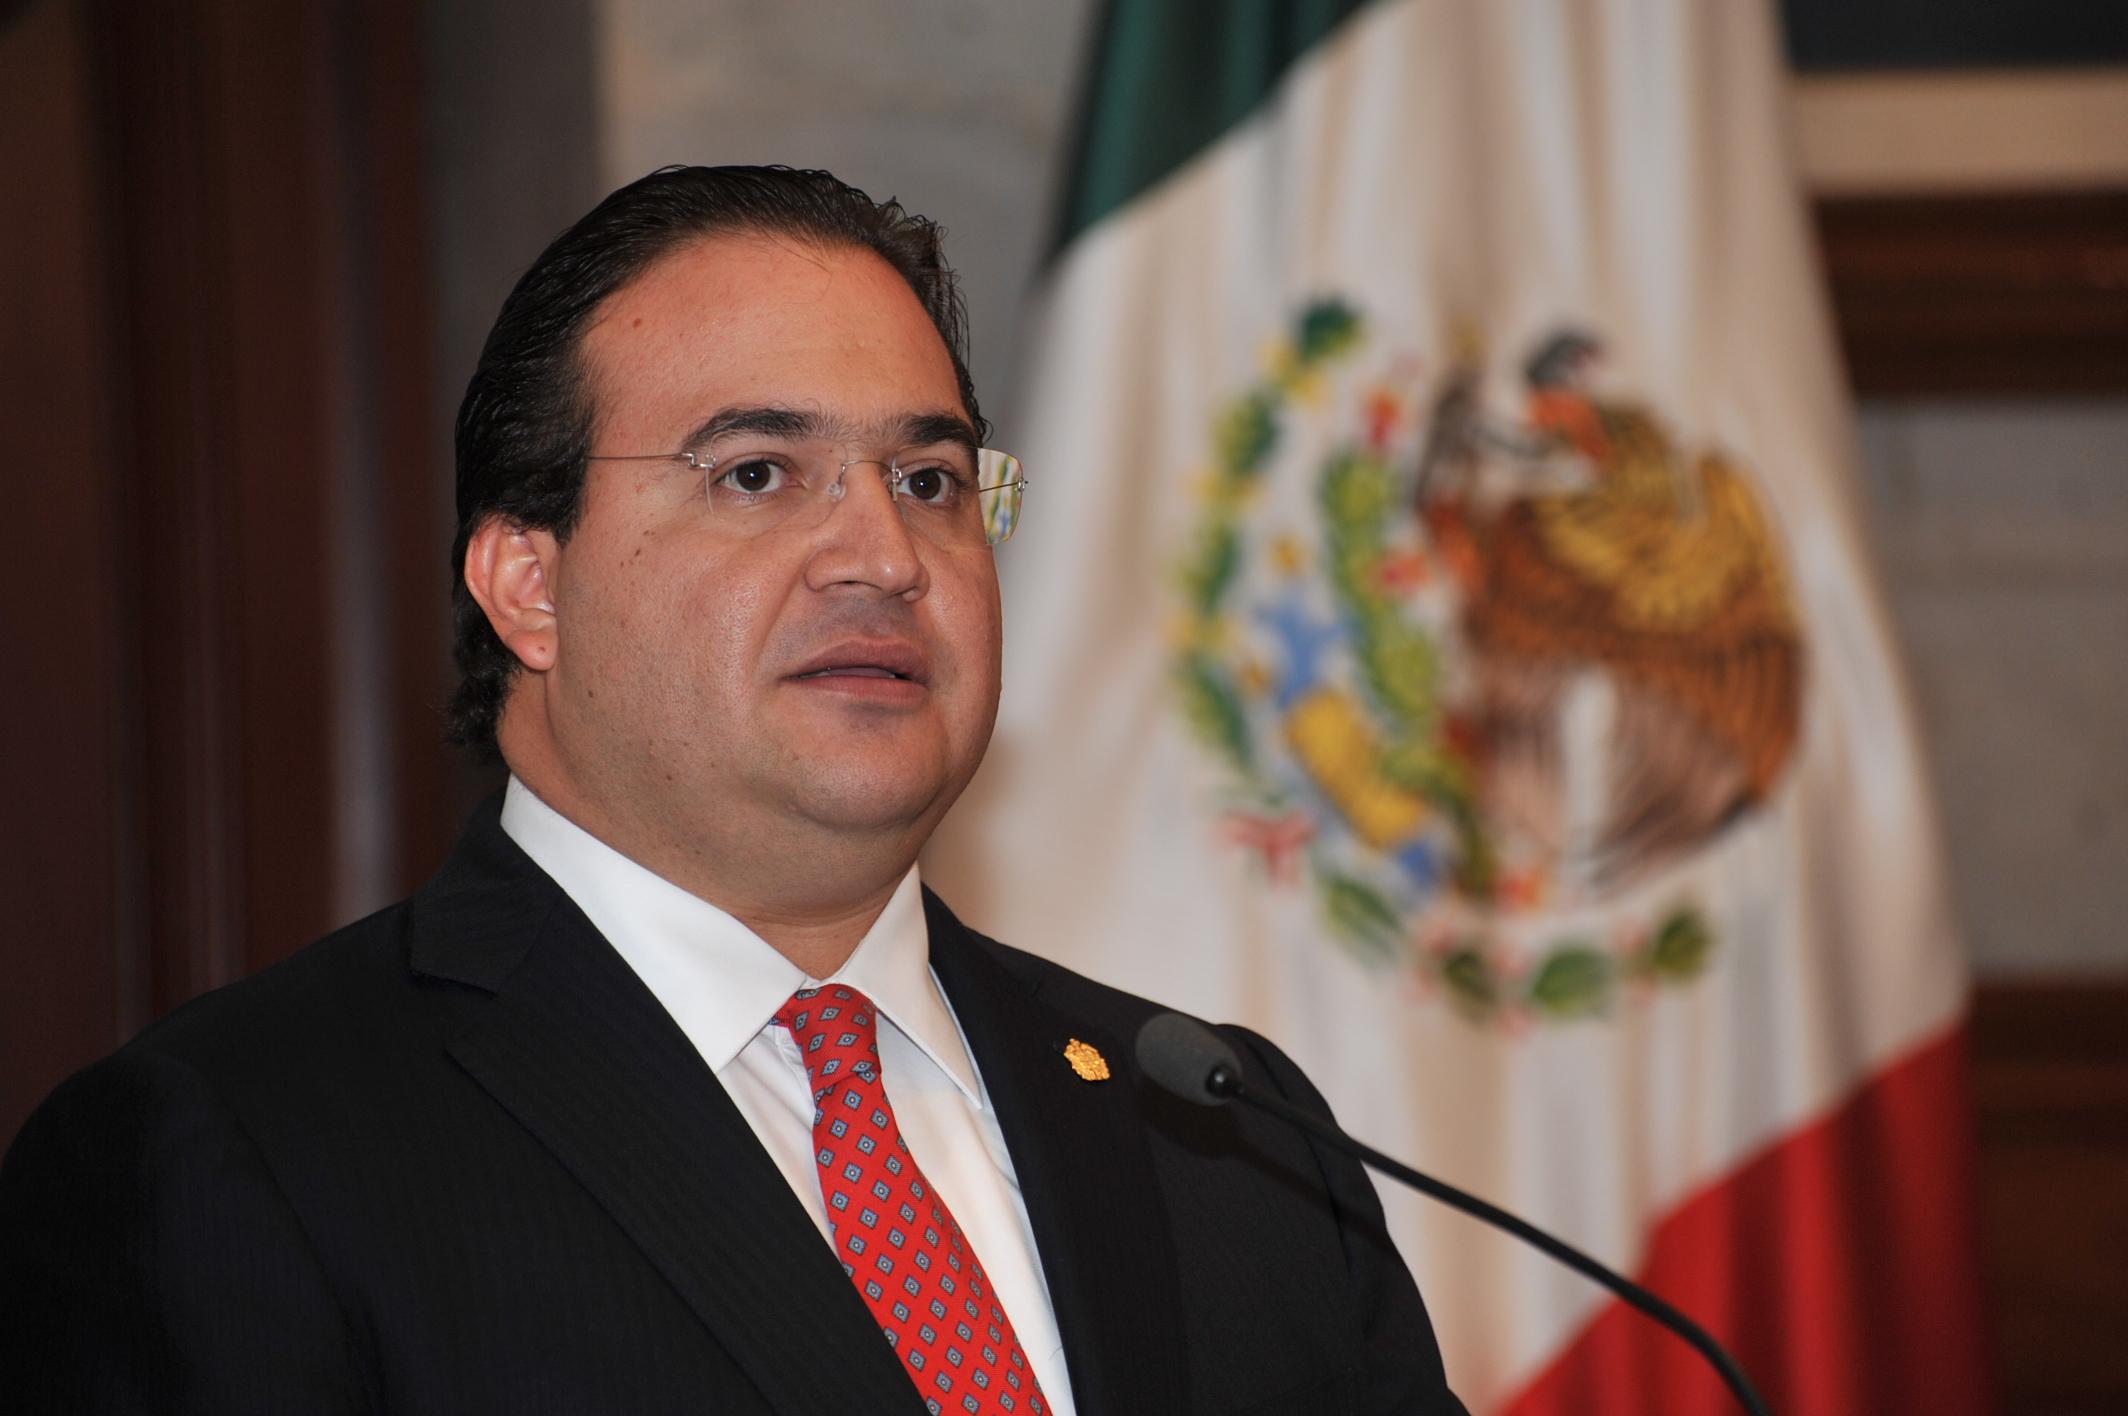 Arrecia exigencia en Twitter para que Duarte renuncie por el asesinato de Goyo